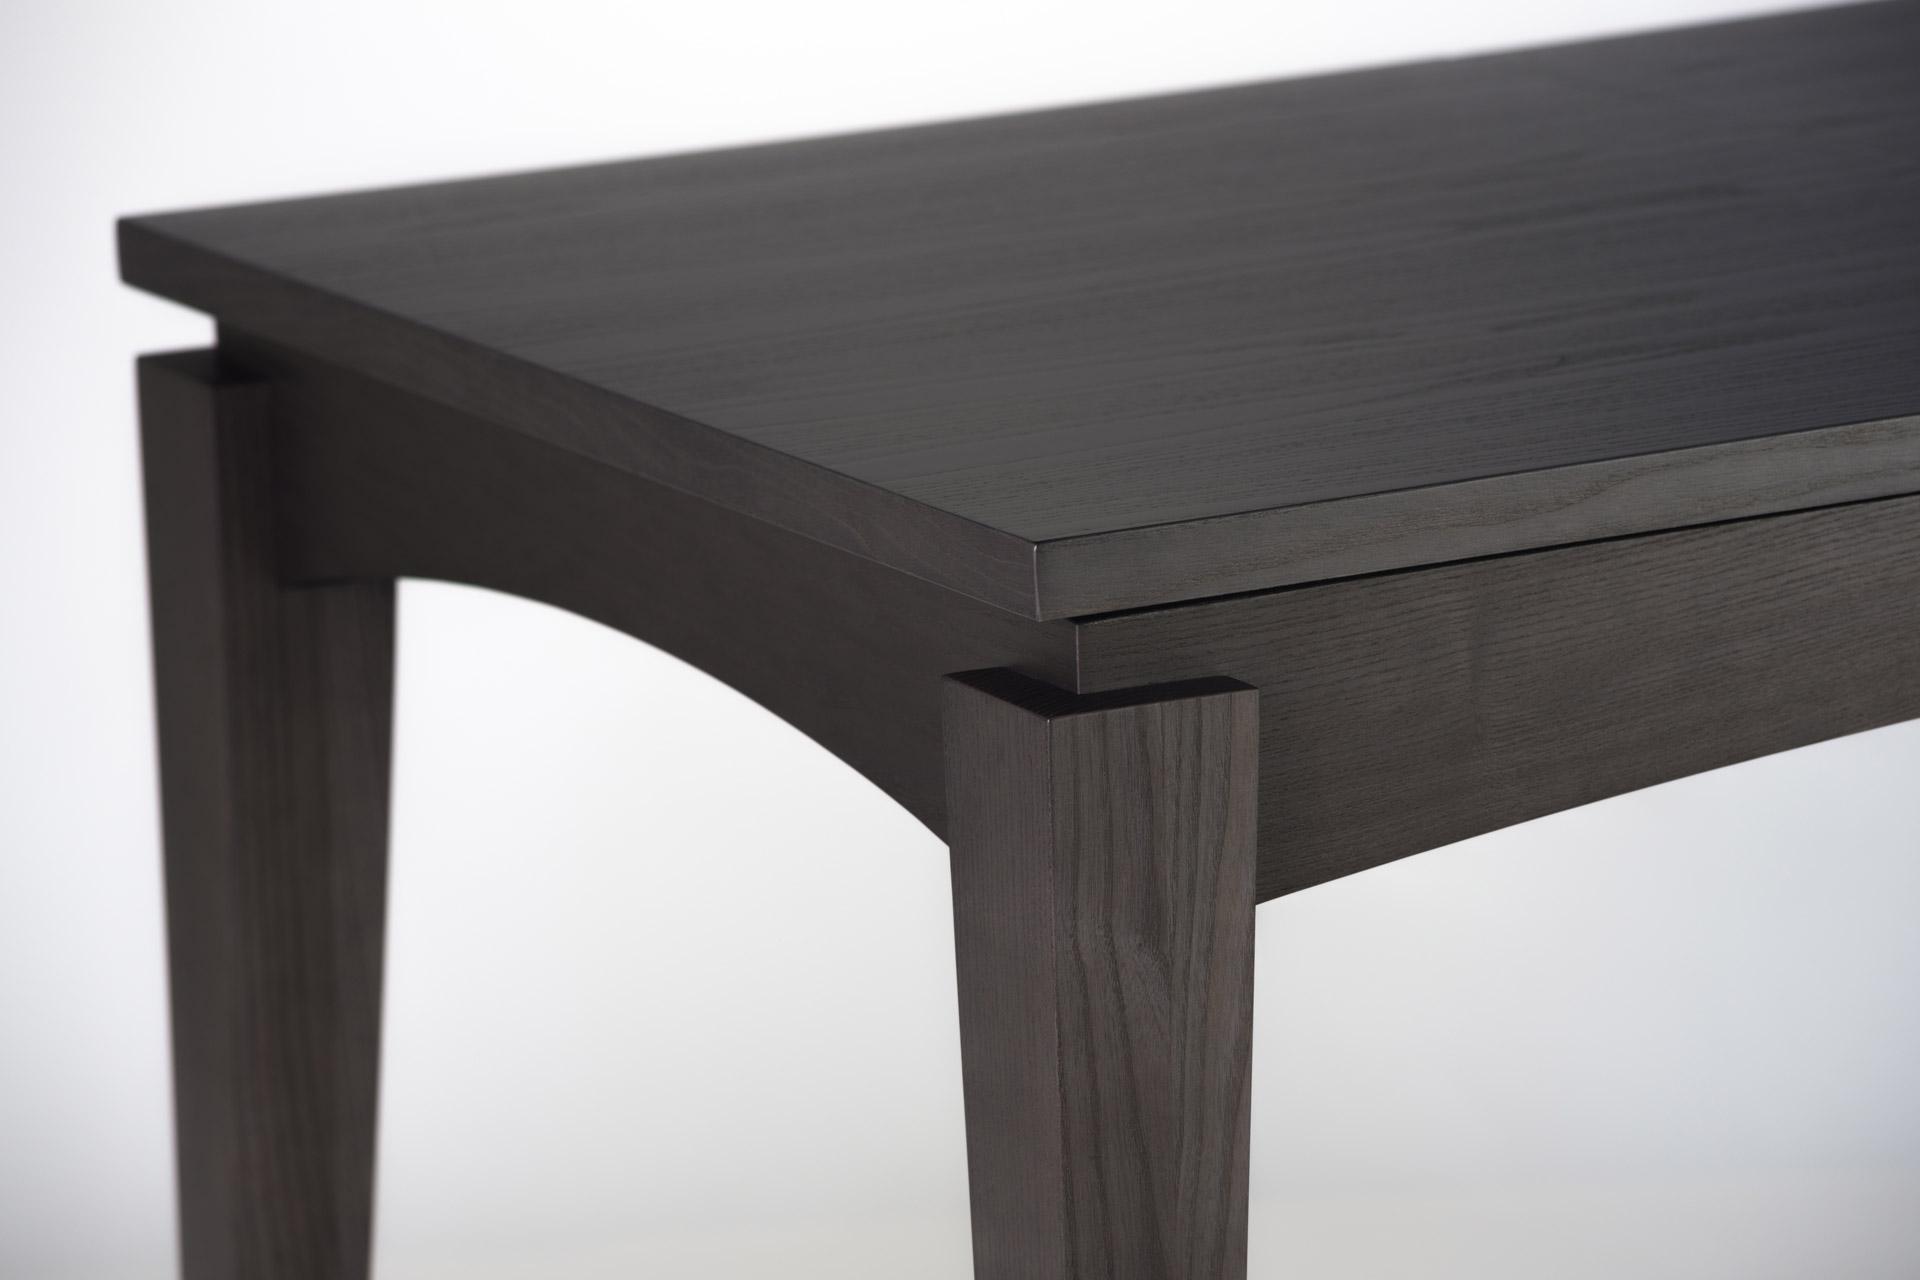 Столешница кухонного стола Бруклин, с квадратными углами